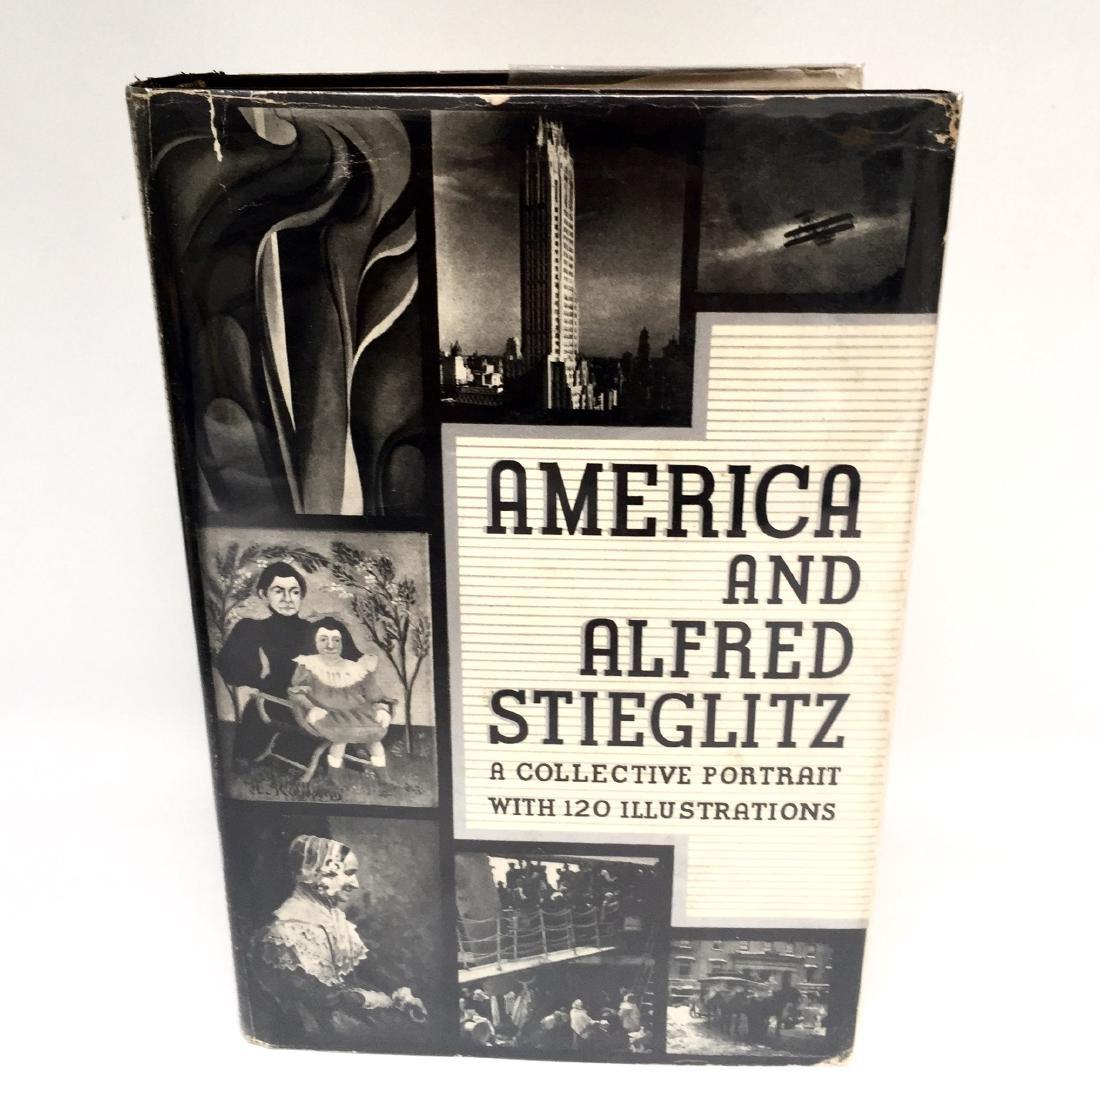 America & Alfred Stieglitz Portrait 120 Illustrations